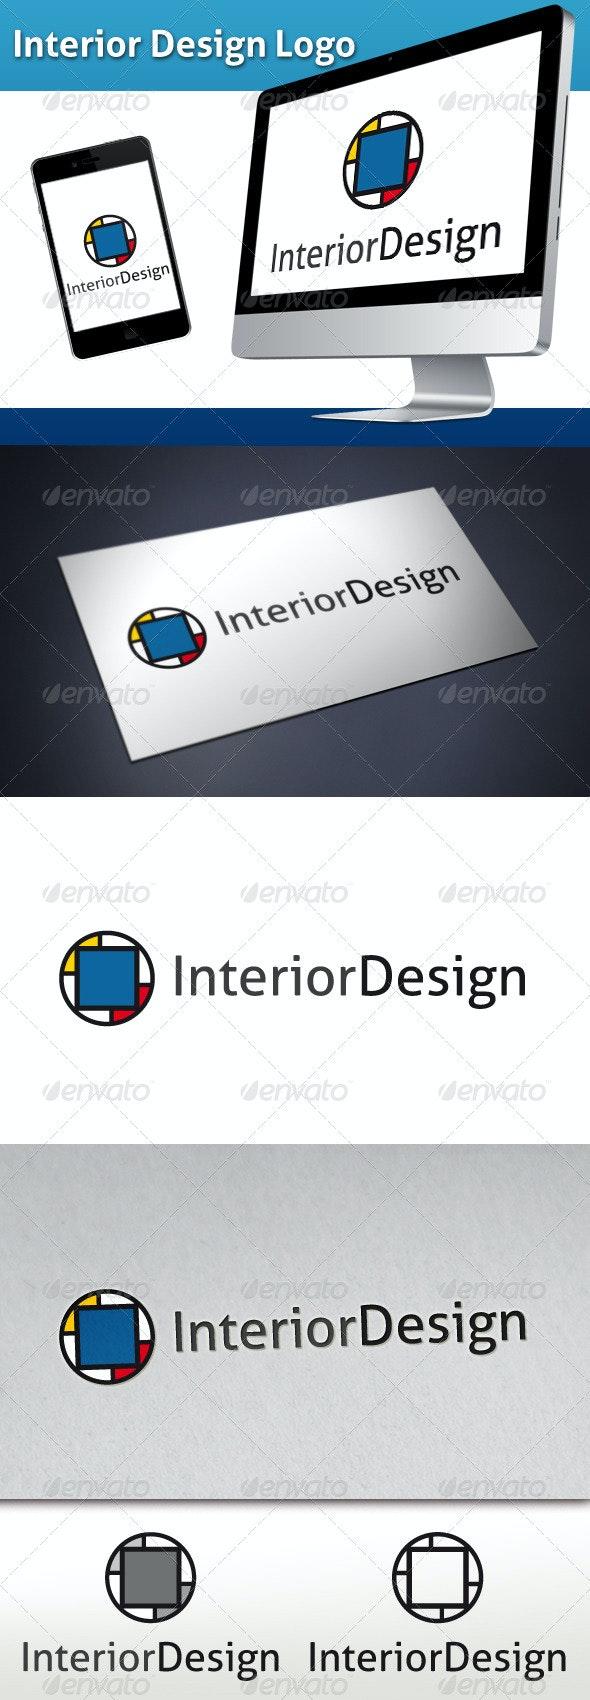 Interior Design Logo - Abstract Logo Templates